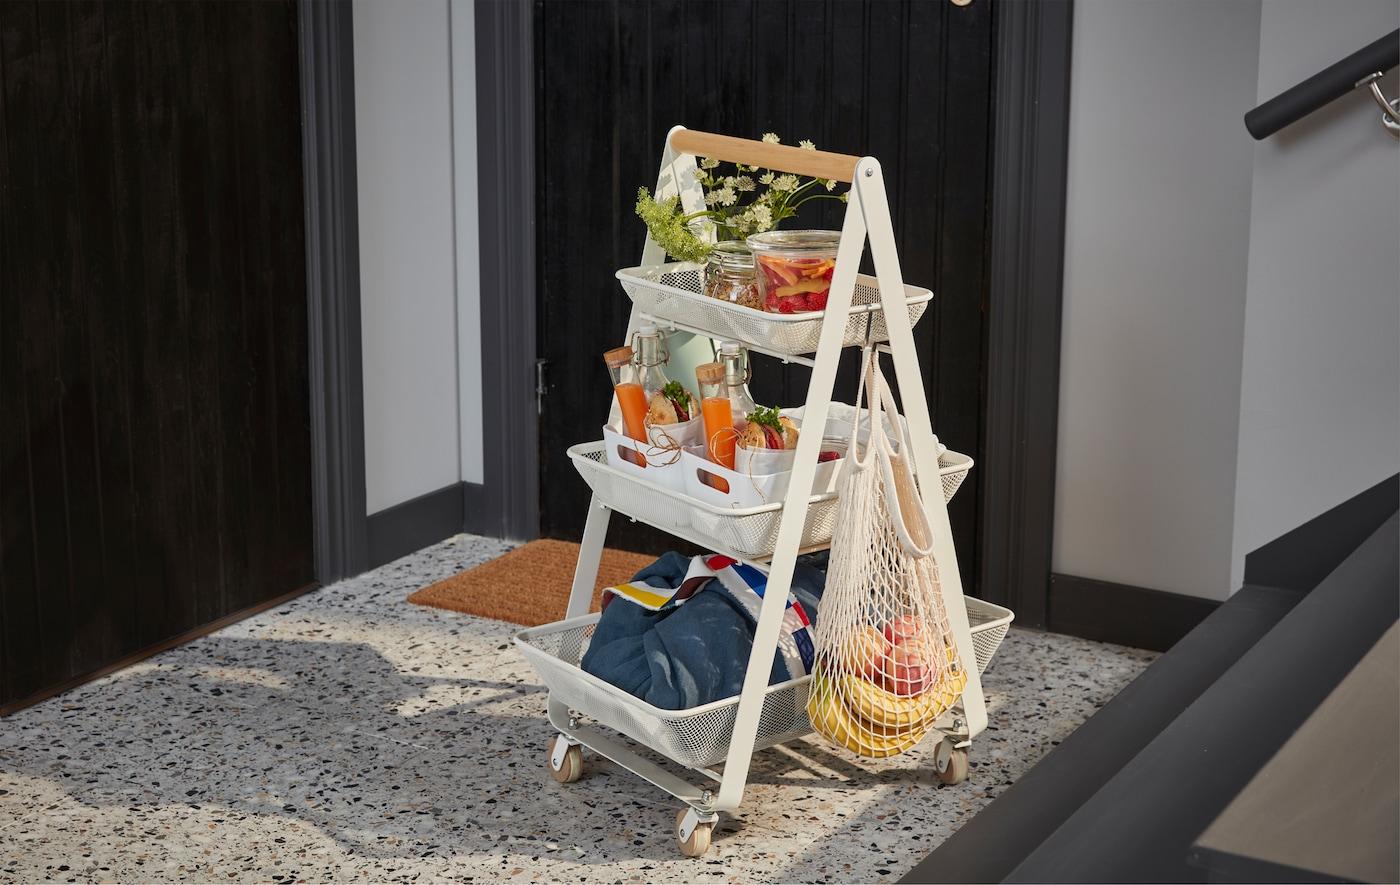 Bela RISATORP čelična kolica s tri nivoa i drvenom drškom, ispunjena kompletnim doručkom za dvoje.